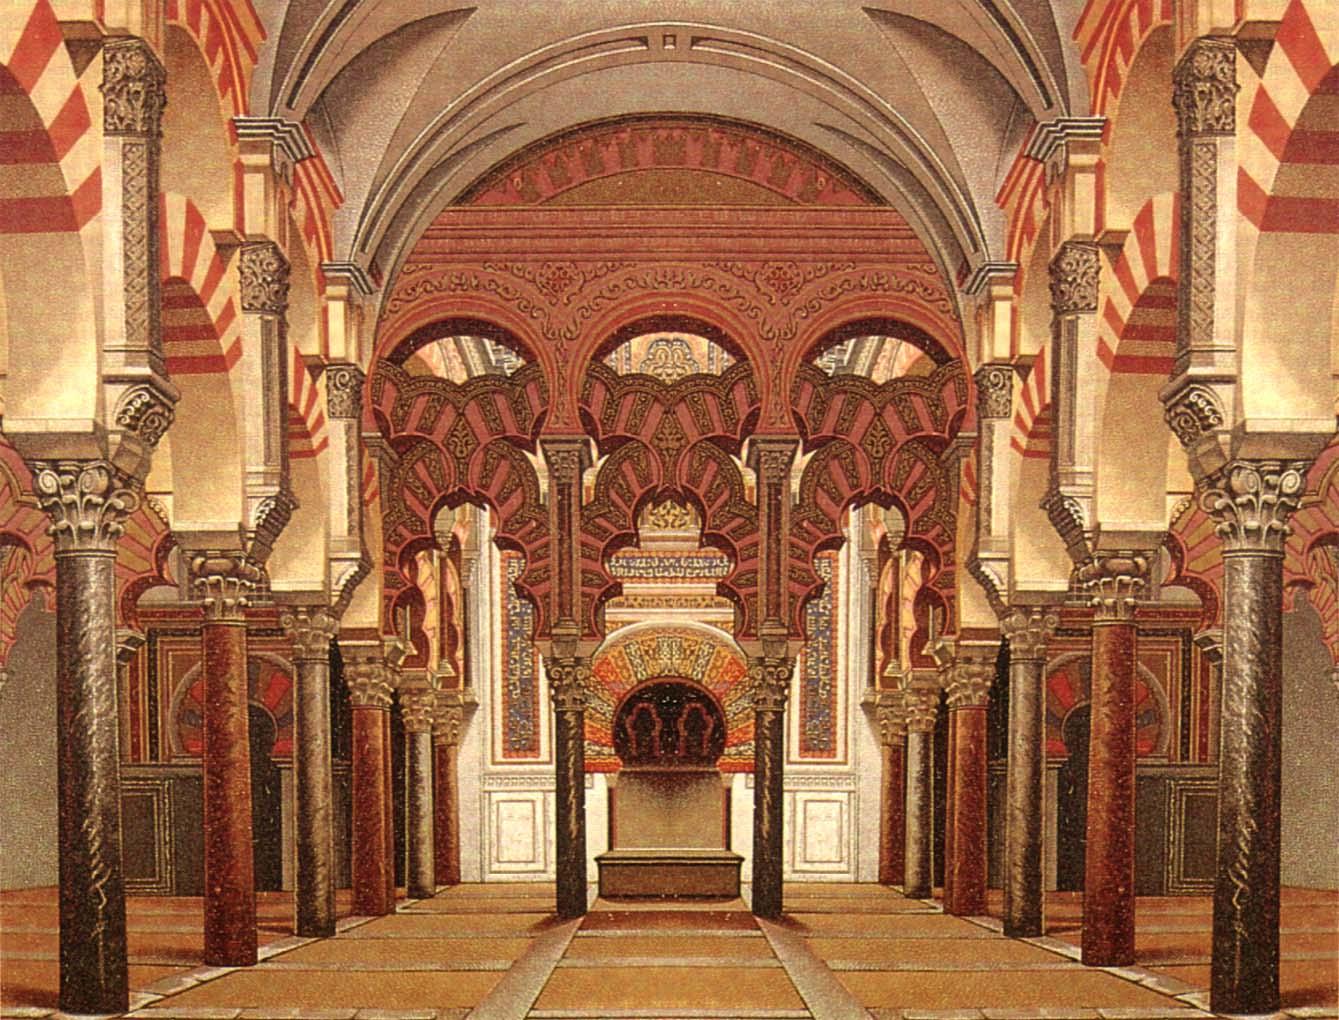 Mezquita de c rdoba decoraci n del mihrab fotent 39 s blog for Decoracion cordoba